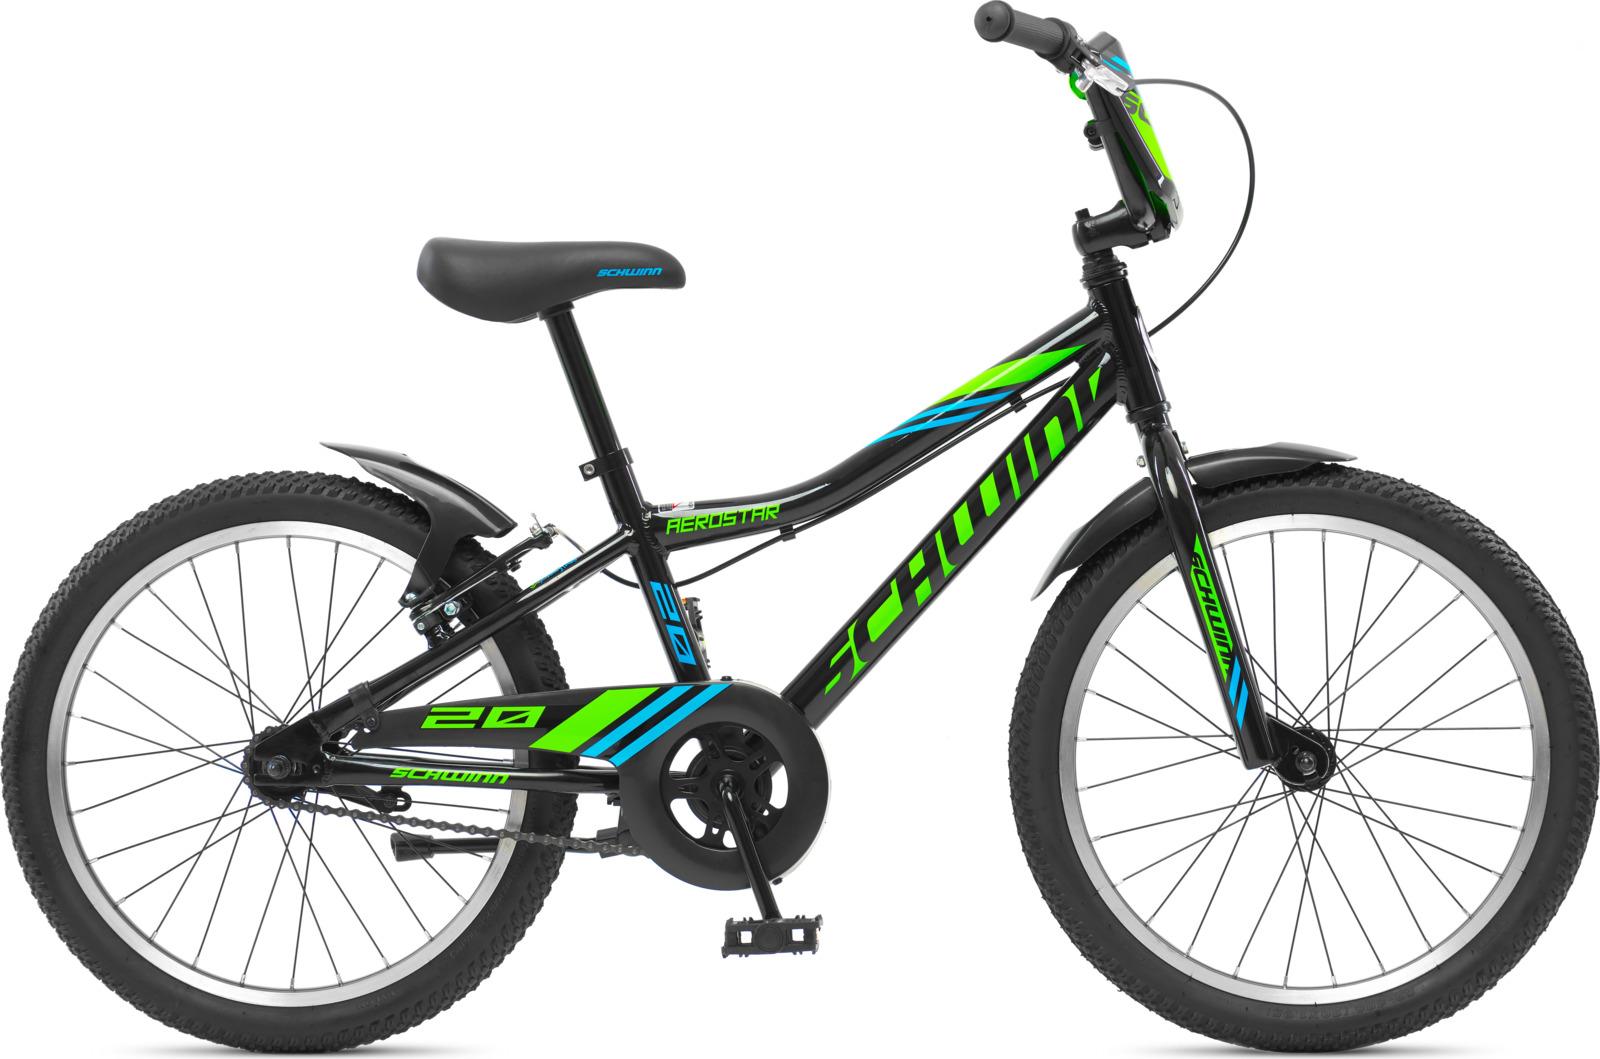 Велосипед детский Schwinn Aerostar, колесо 20, черный велосипед schwinn twister 2017